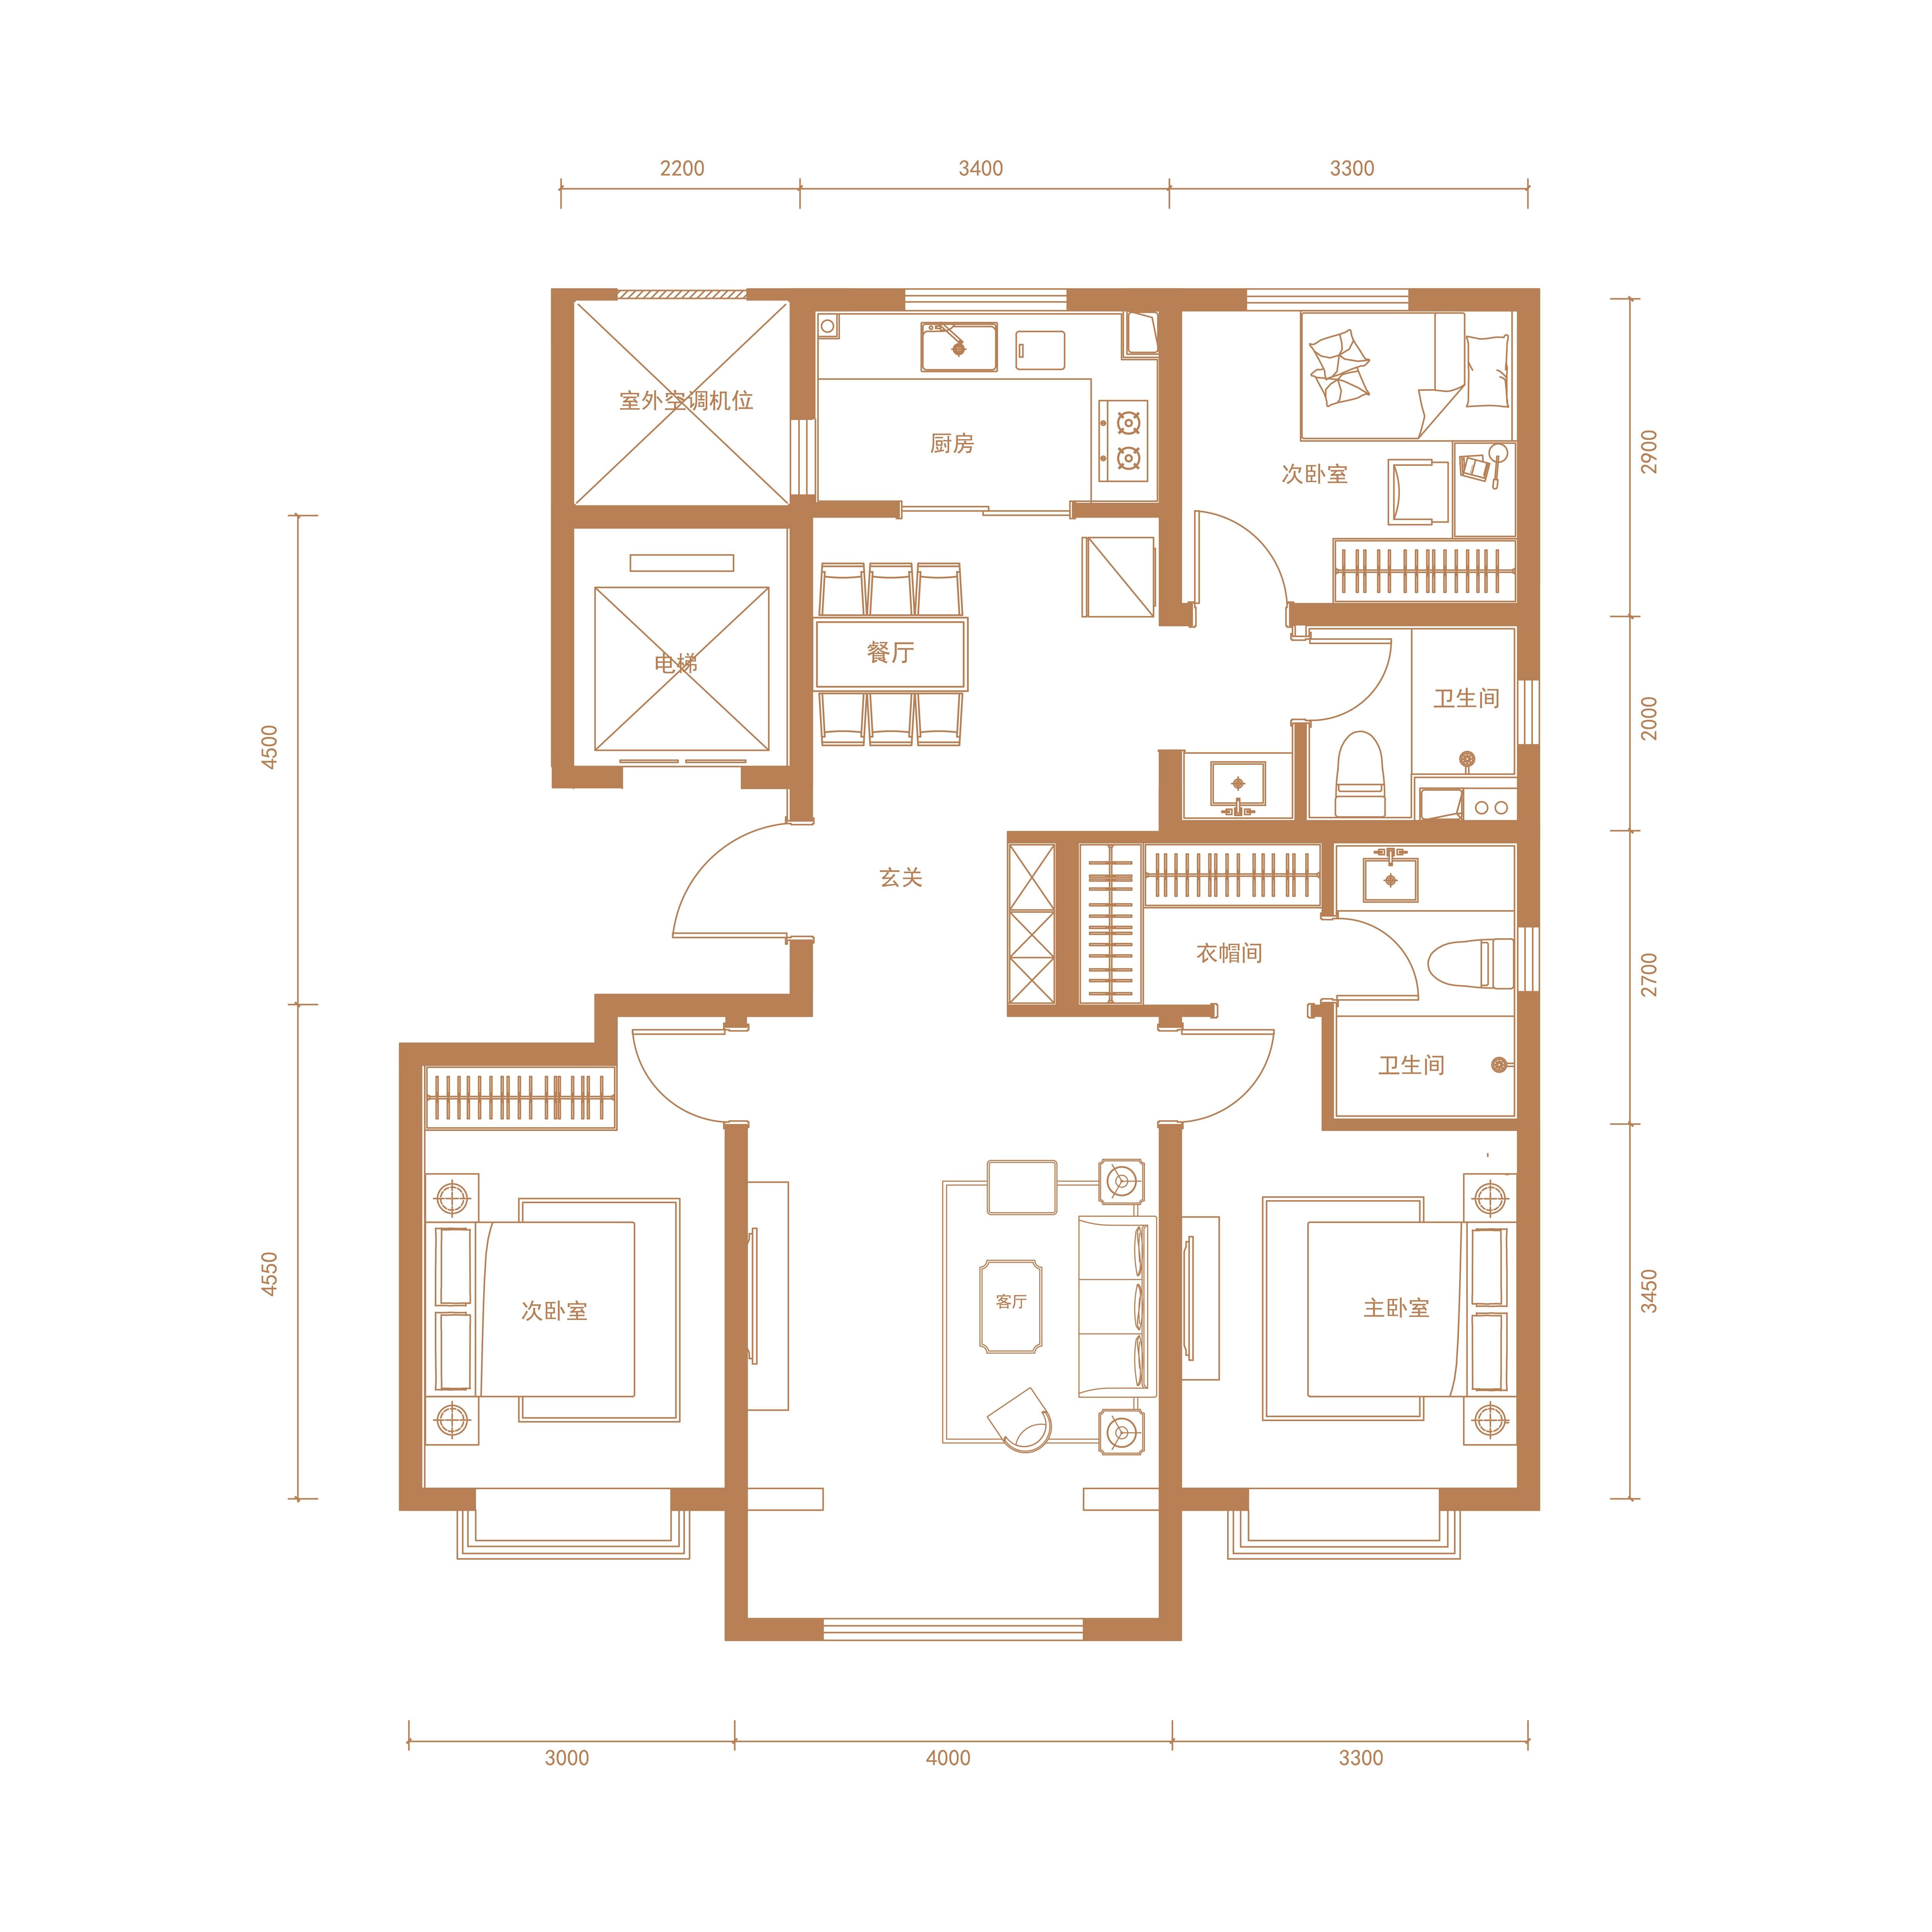 A3户型 124平米 三室两厅两卫